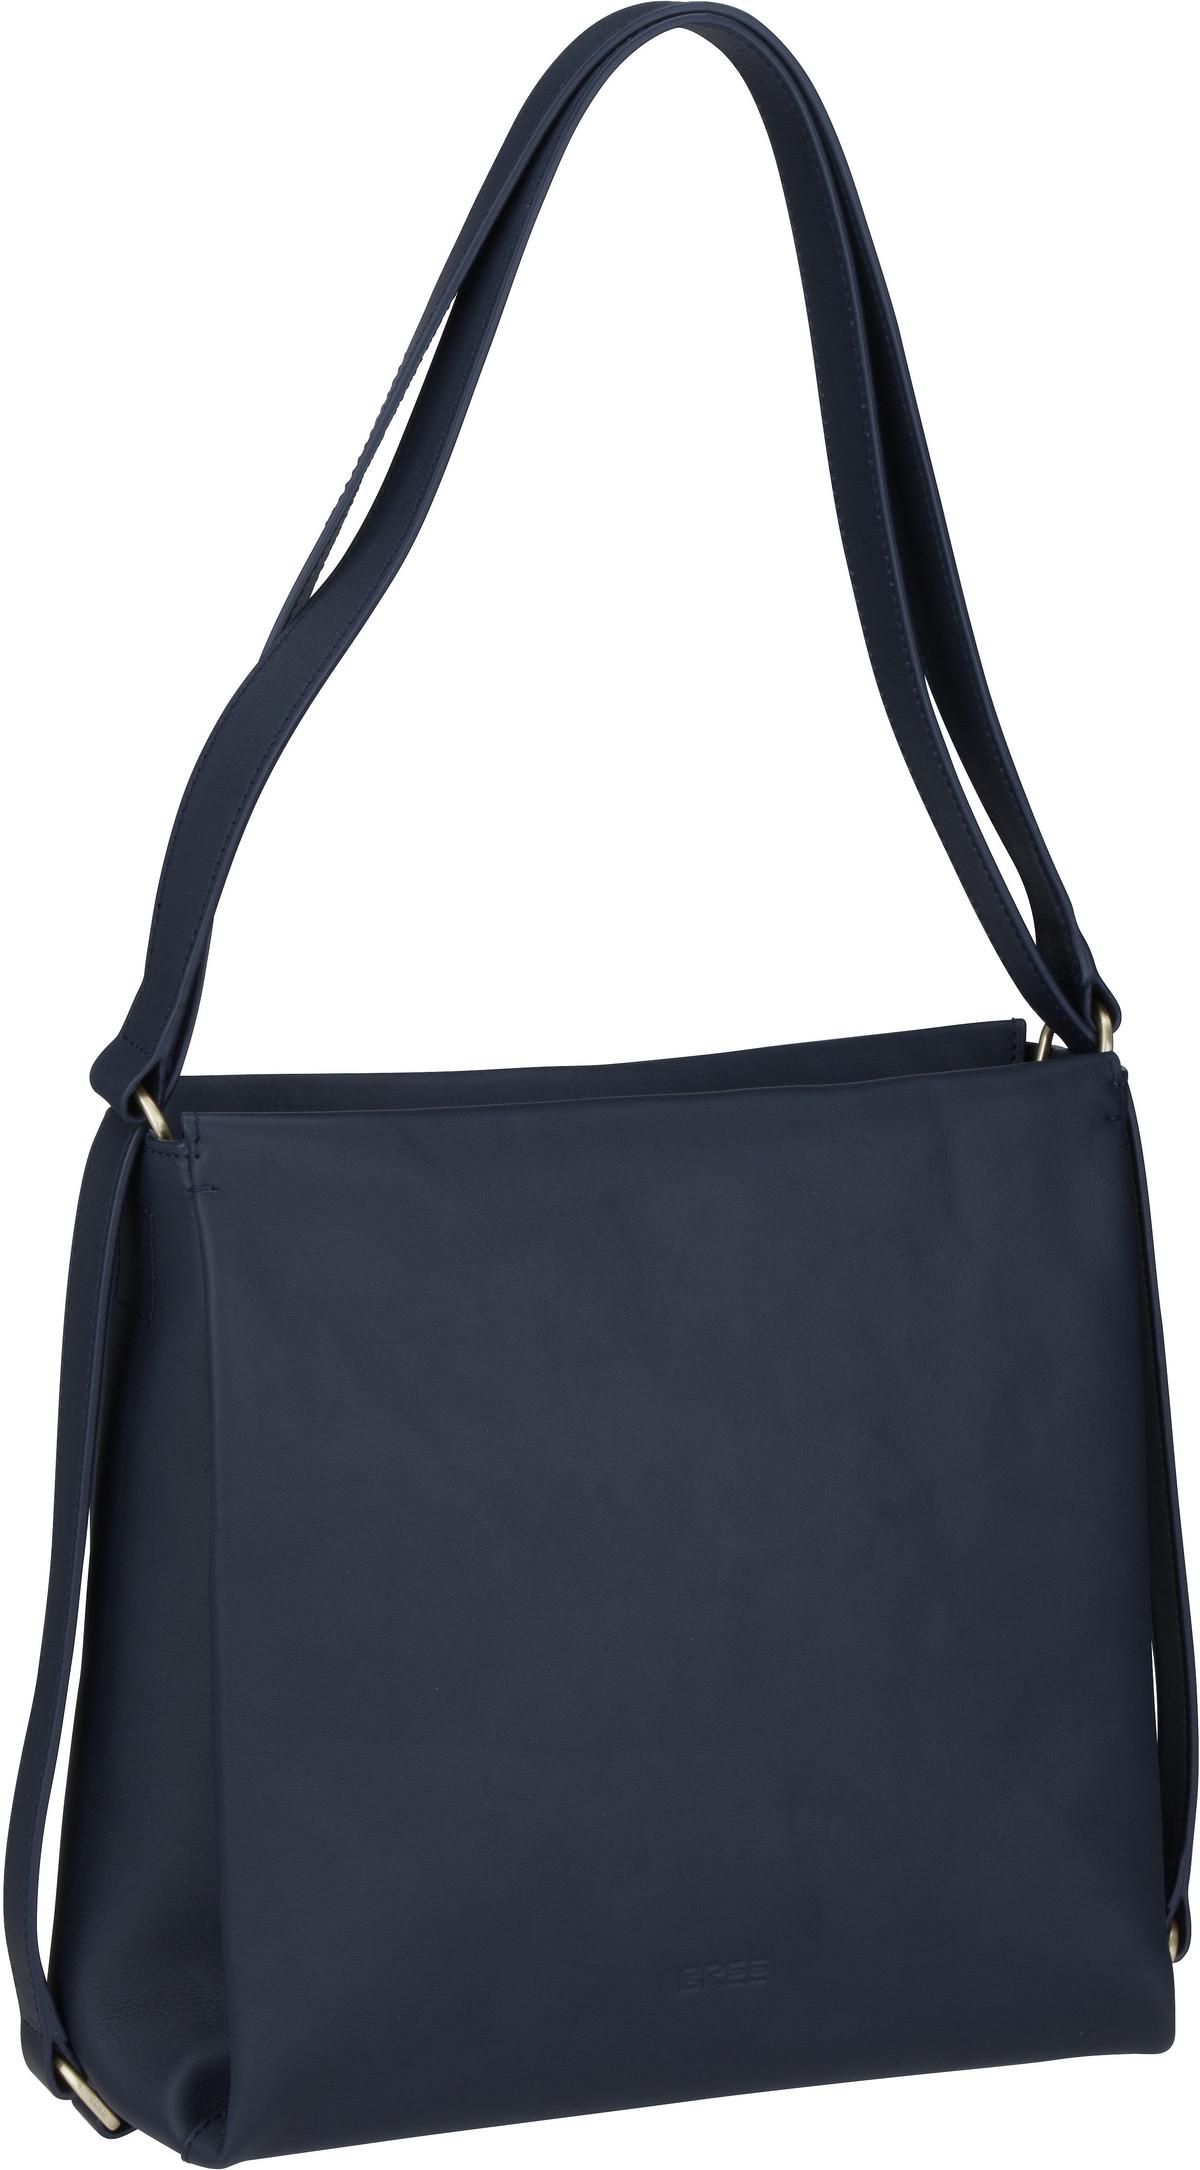 Handtasche Pure 6 Navy